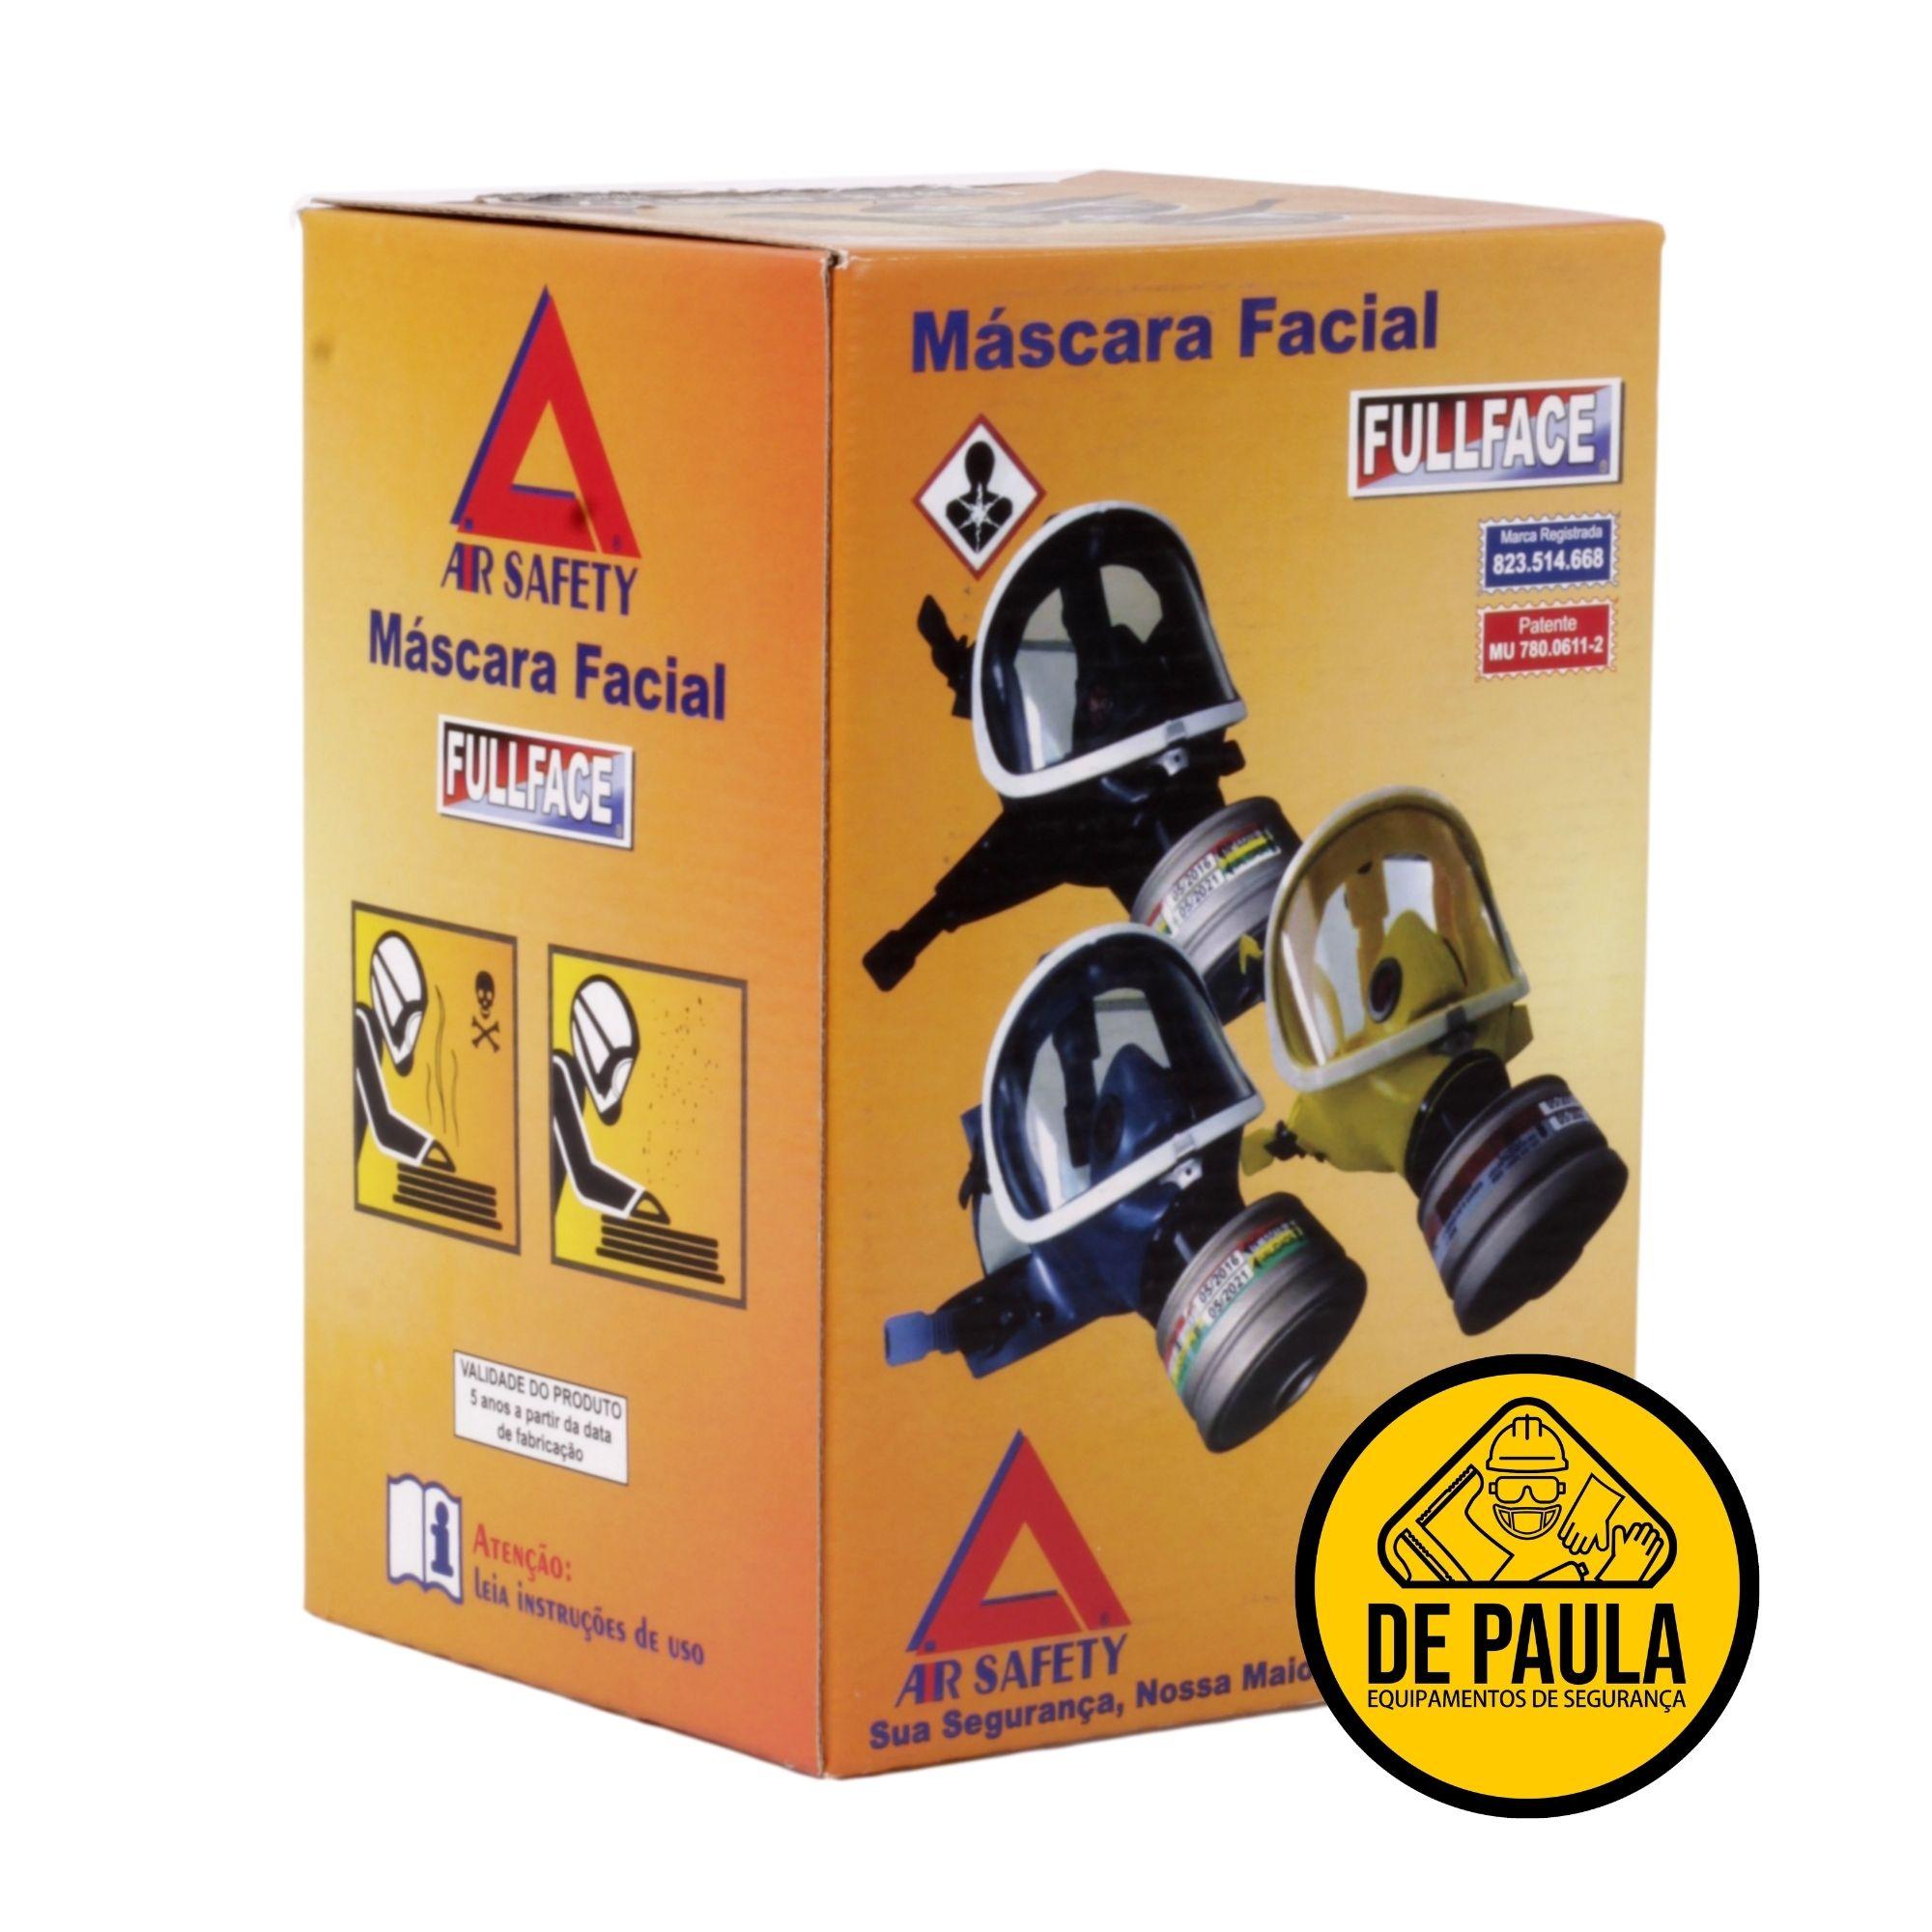 MÁSCARA PANORAMICA FULL FACE - AIR SAFETY - CA Nº 5758  - DE PAULA EPI